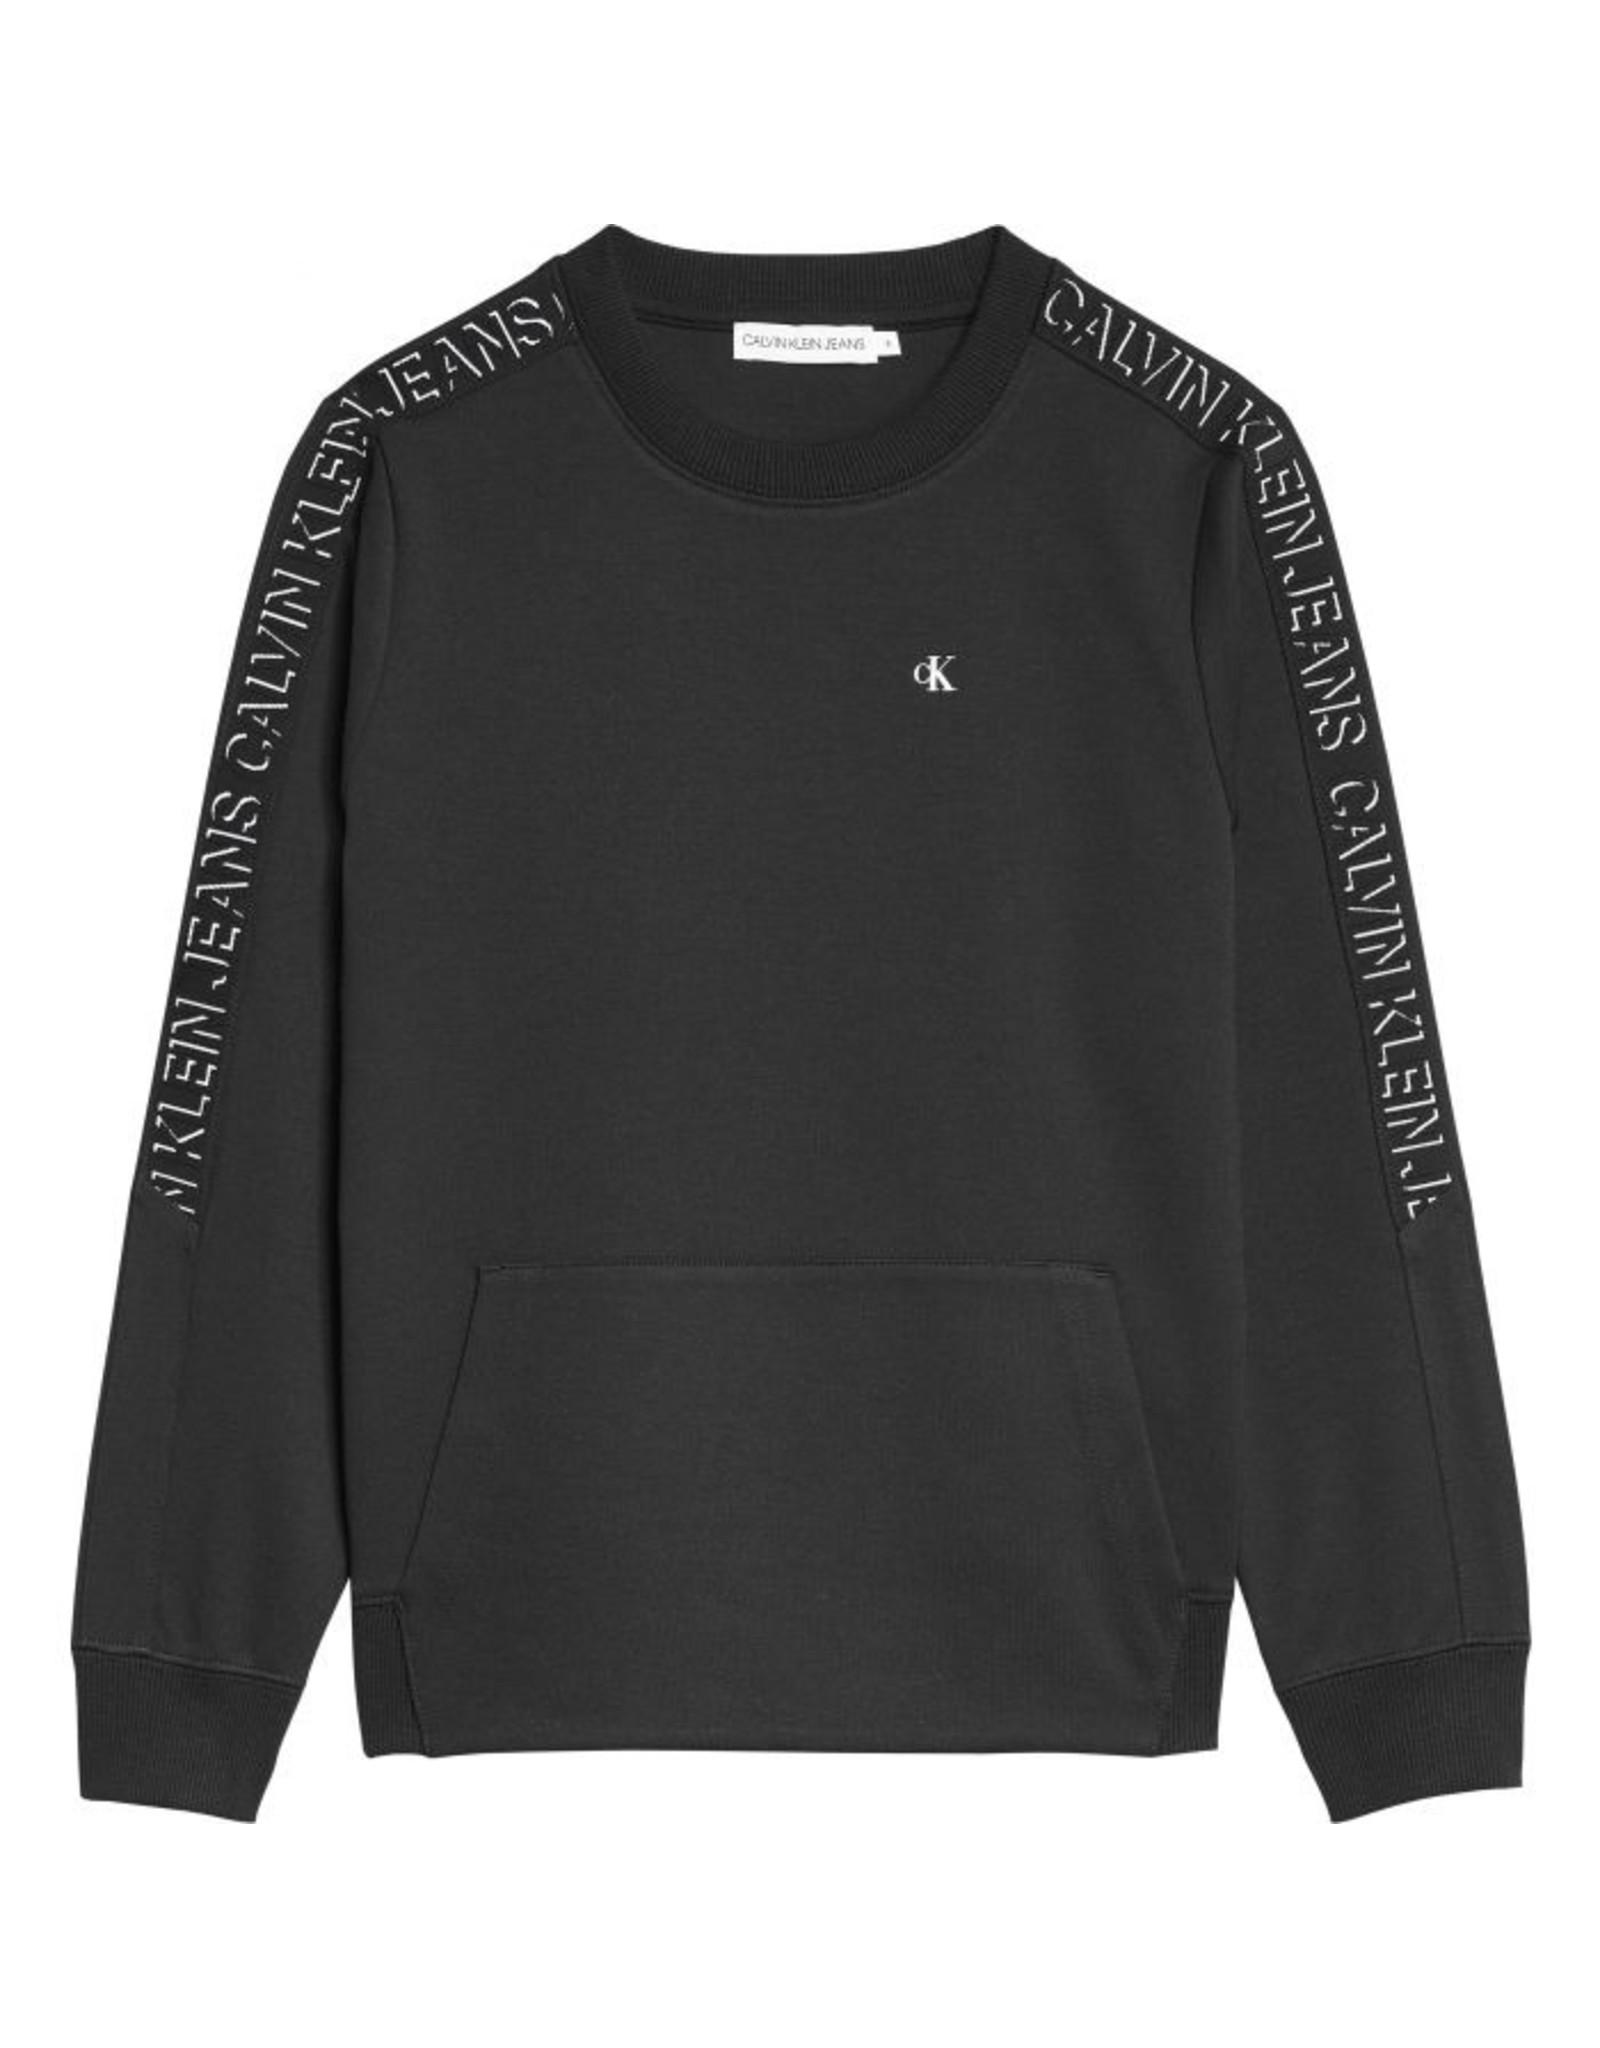 Calvin Klein 0985 Sweater